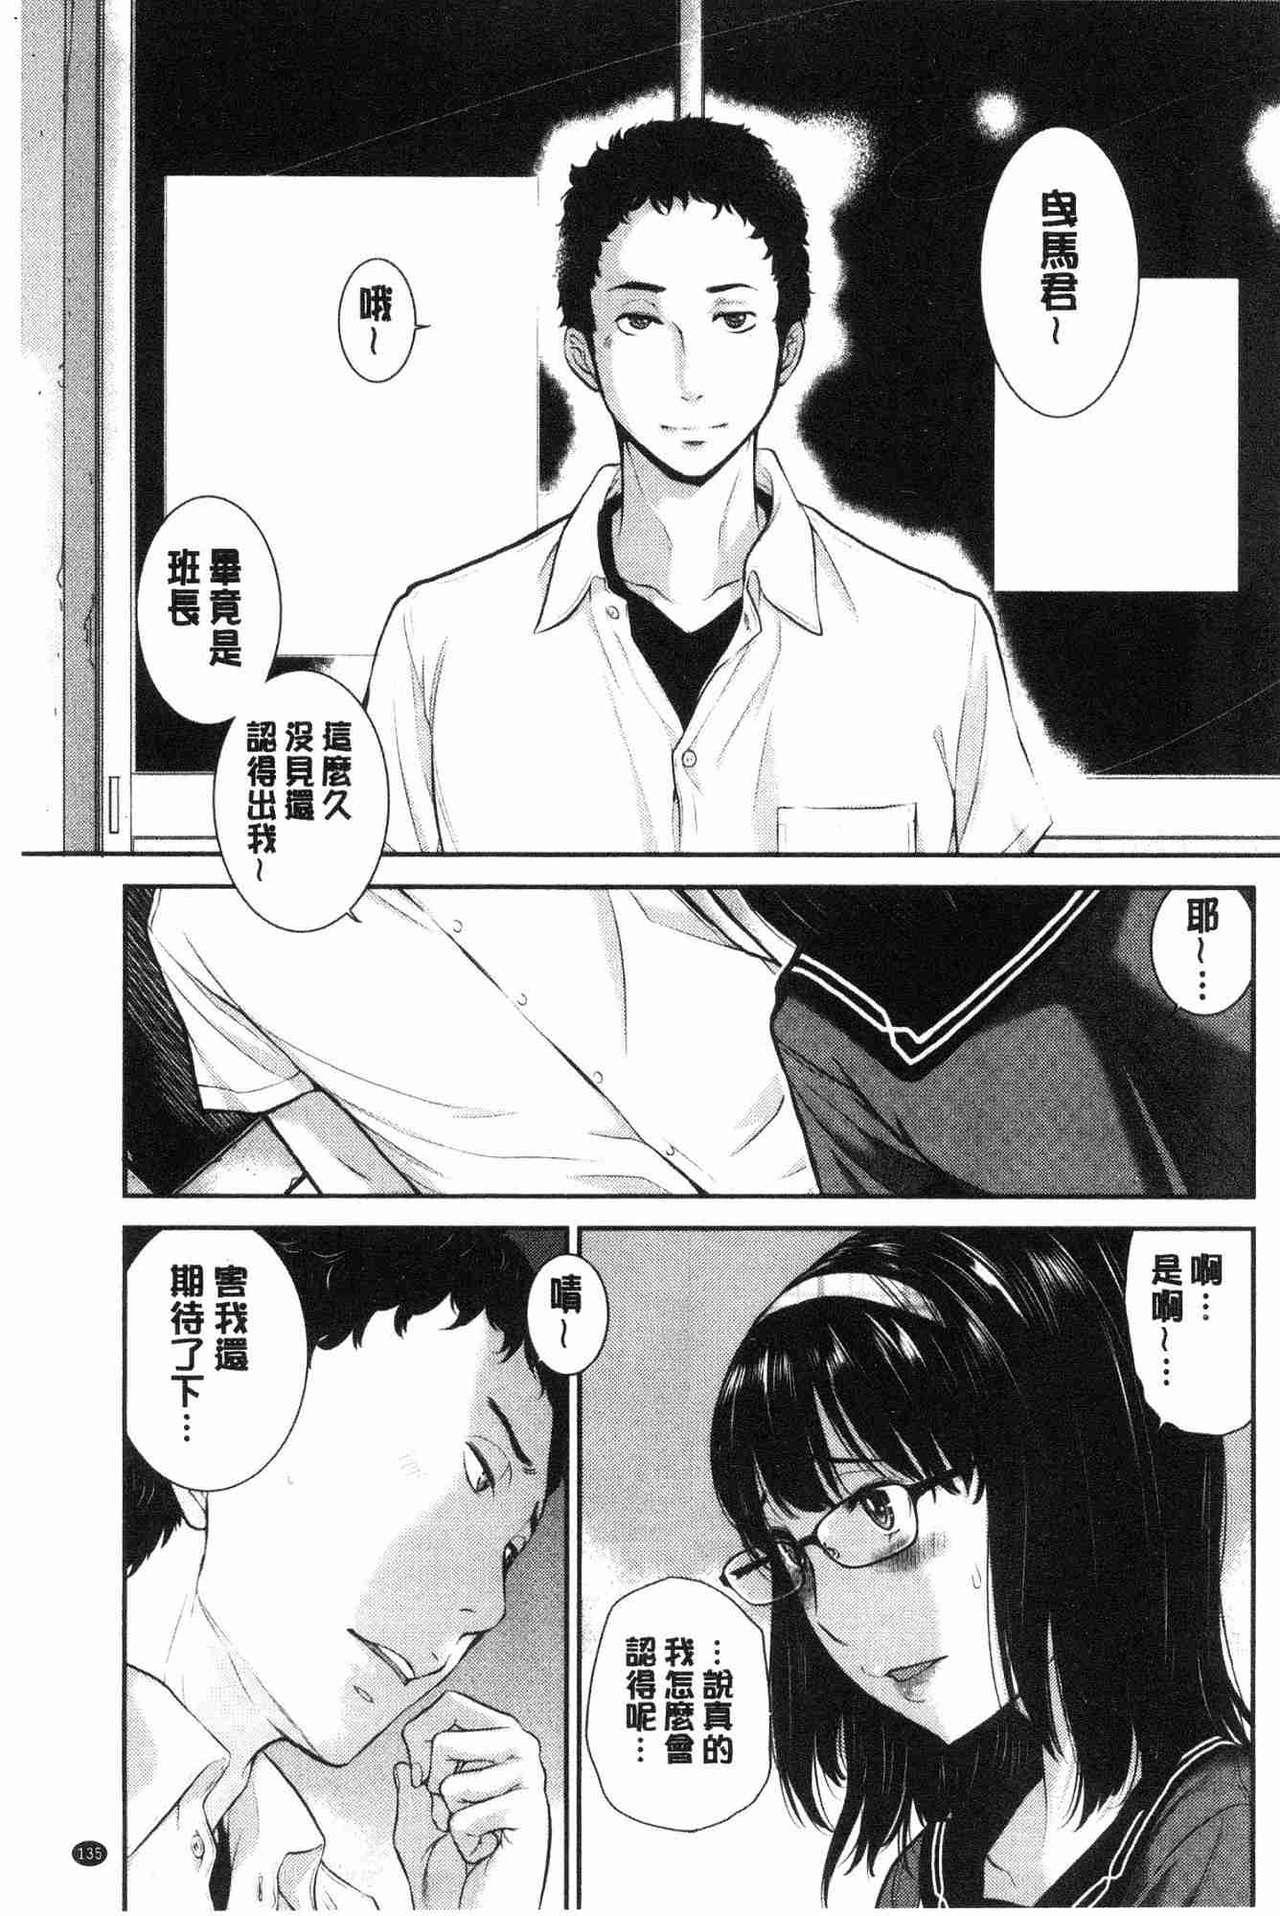 [Harazaki Takuma] Seifuku Shijou Shugi -Natsu- - Uniforms supremacy [Chinese] 135